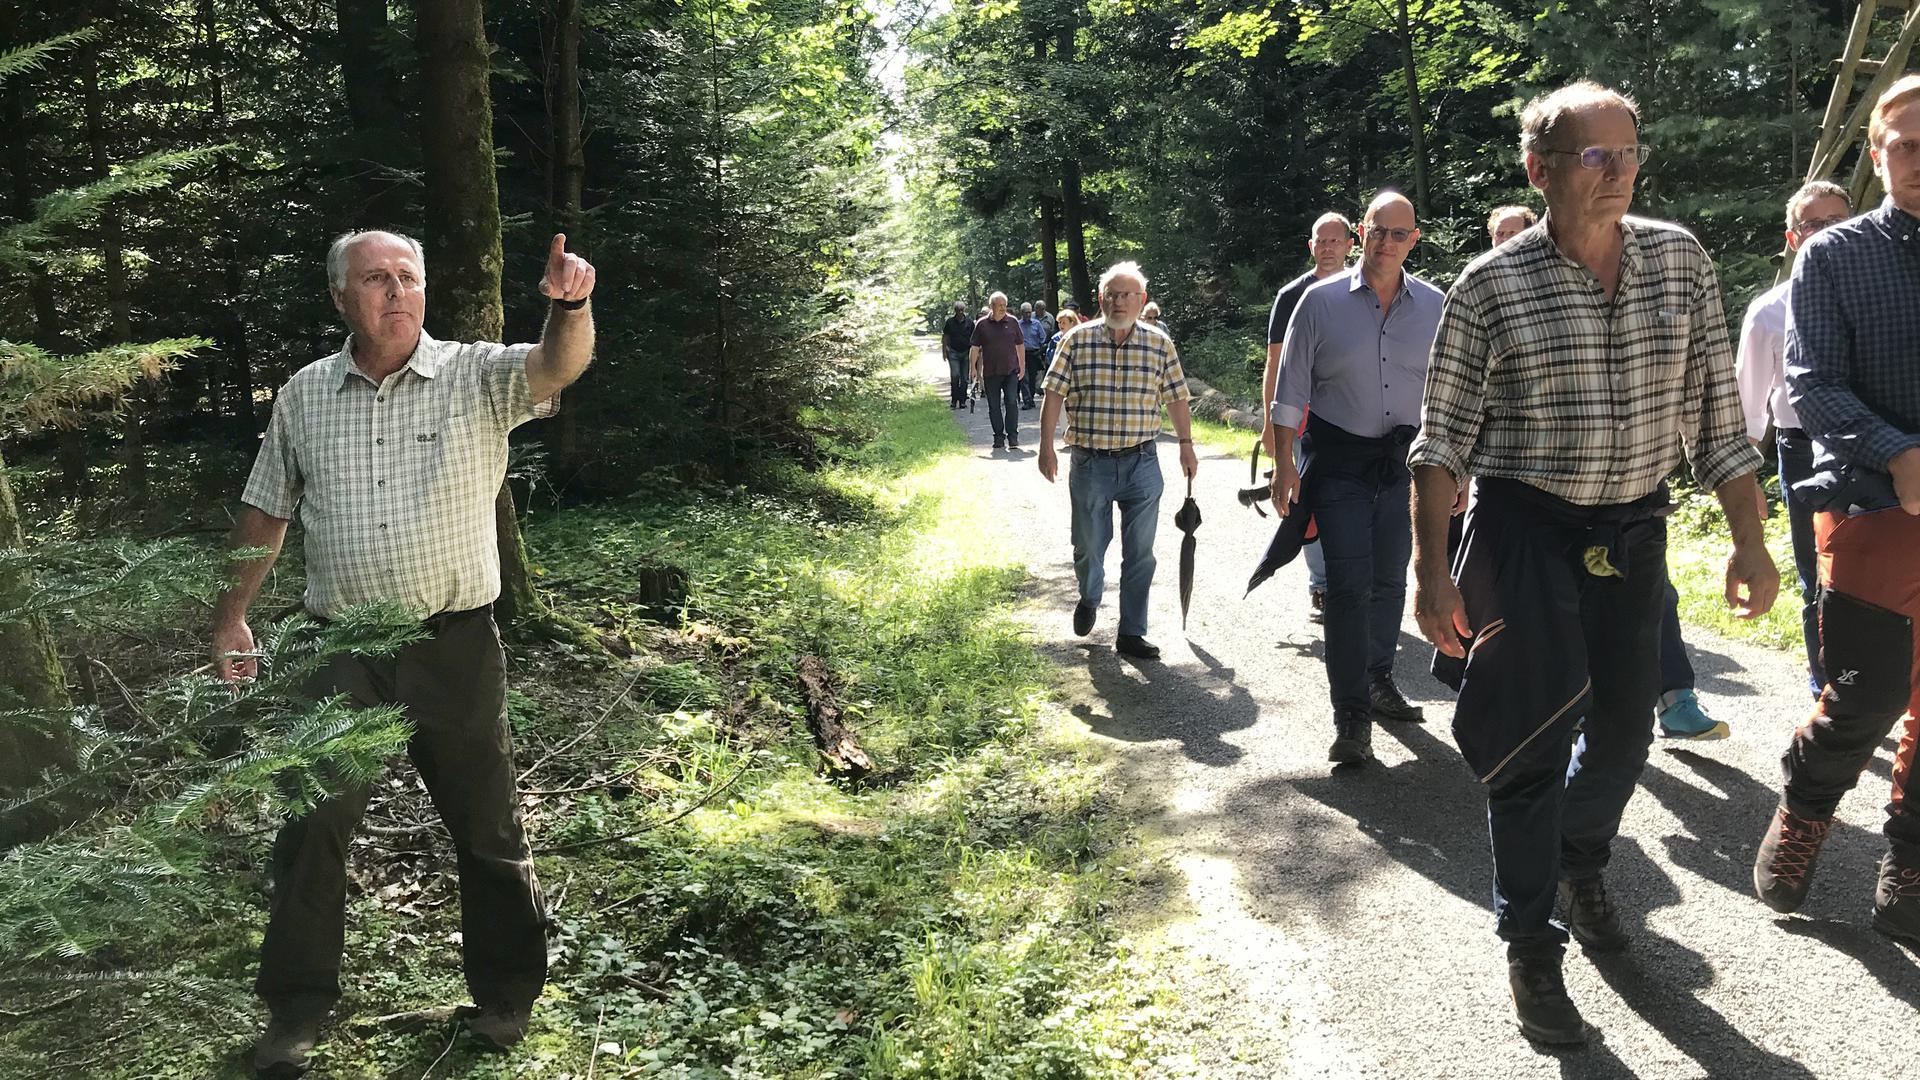 Mehrere Menschen laufen durch einen Wald, ein Mann zeigt mit dem Zeigefinger.